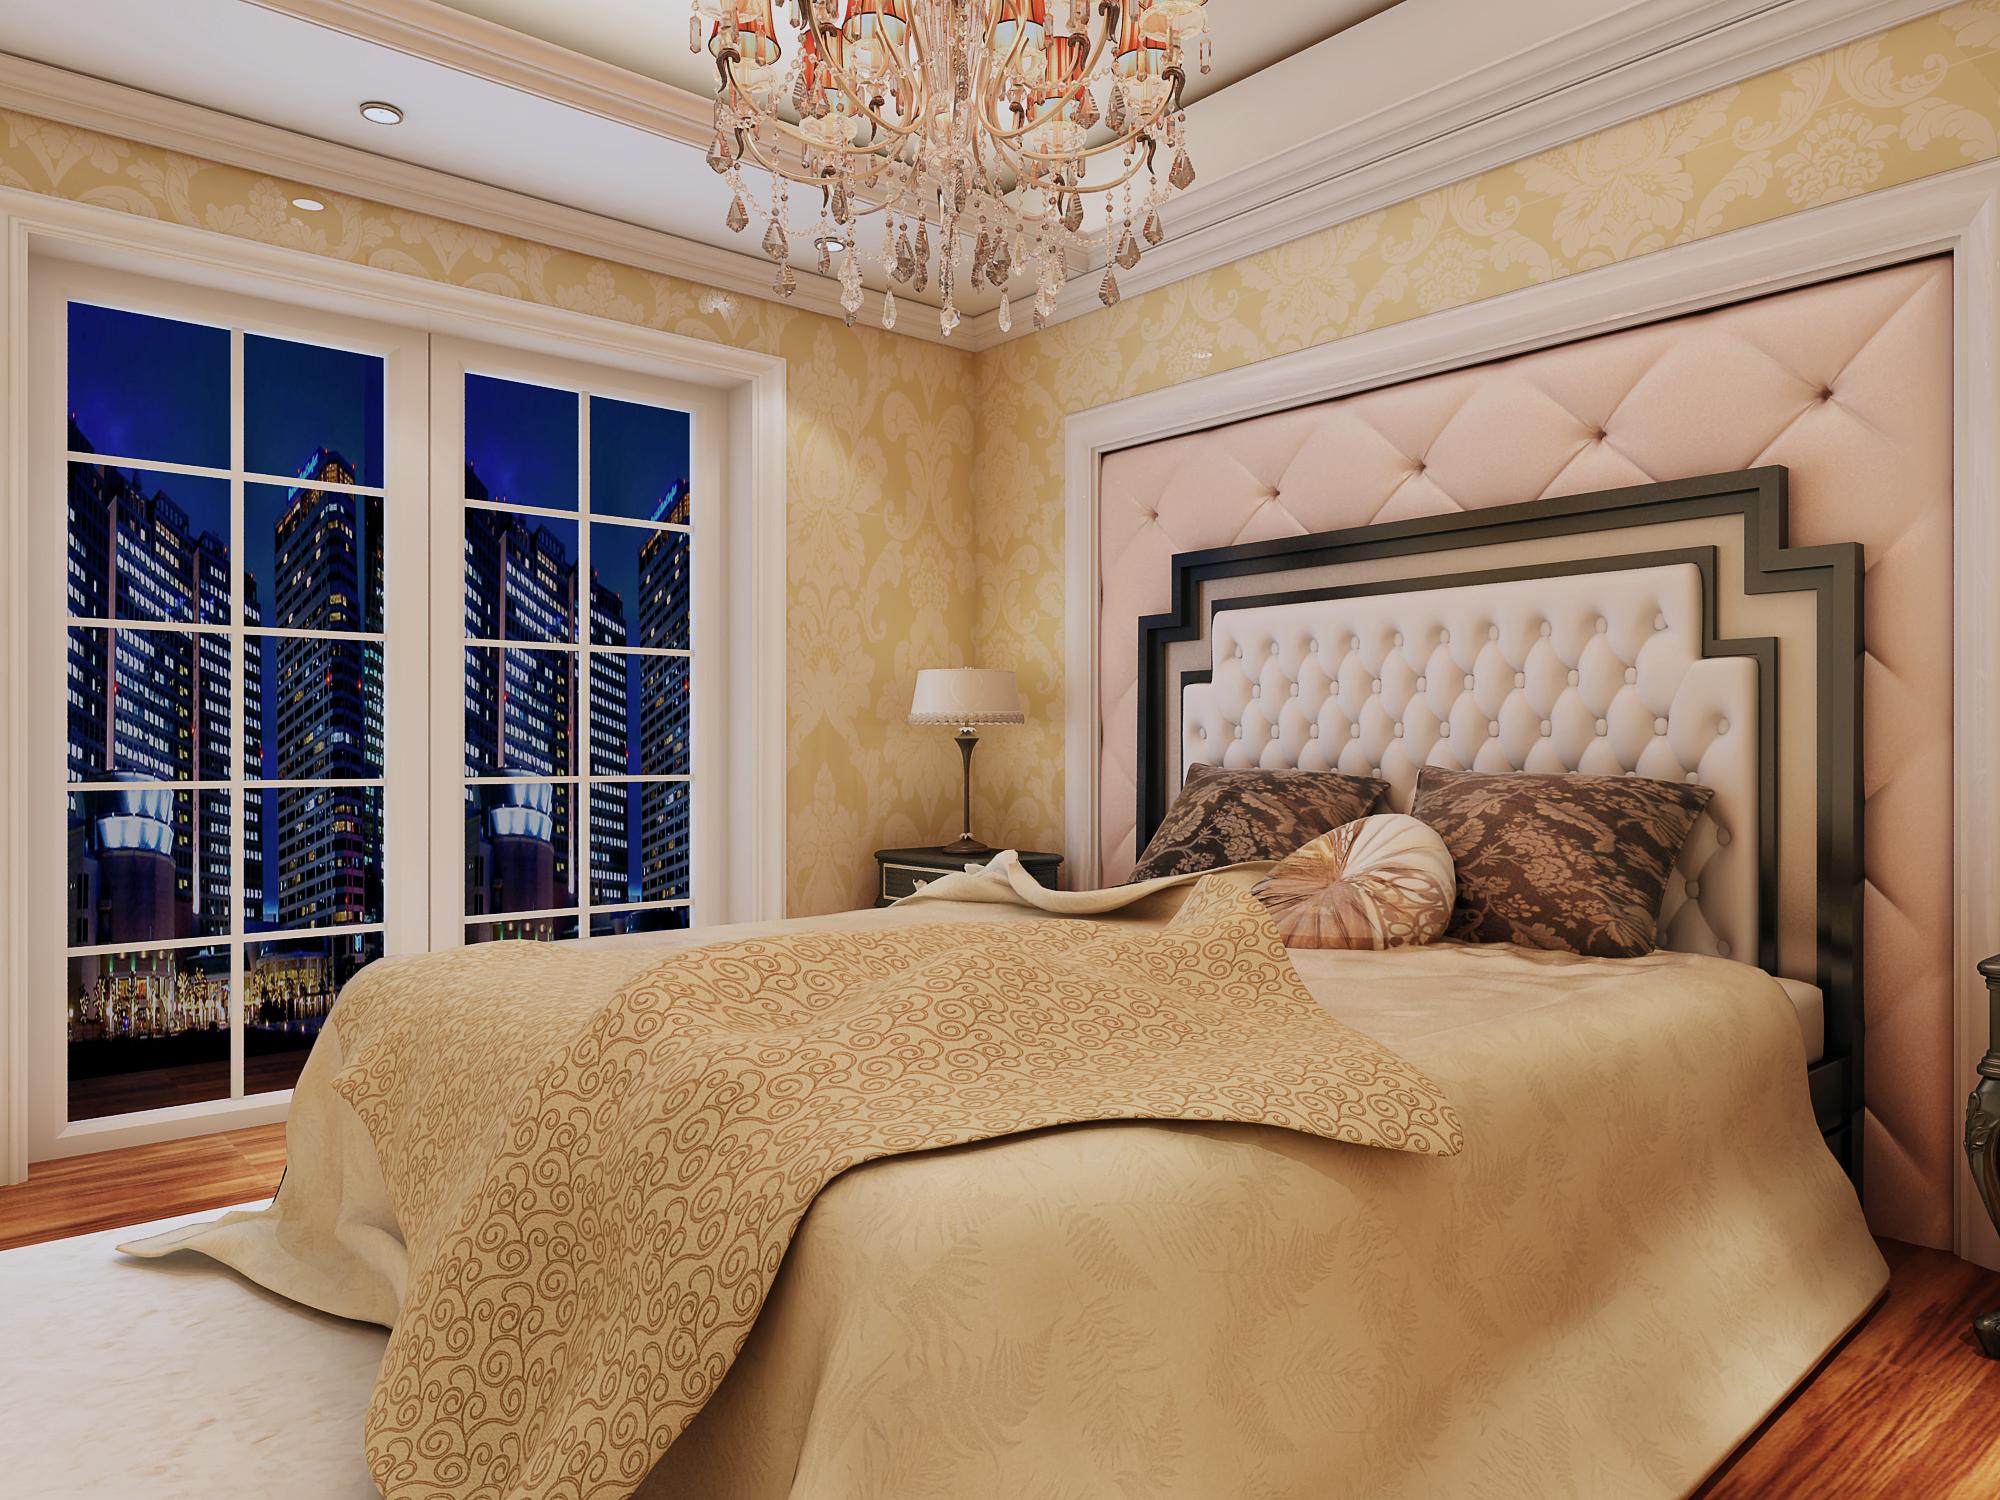 简约 欧式 田园 混搭 三居 二居 别墅 白领 旧房改造 卧室图片来自用户5599387783在张腾飞老师作品的分享